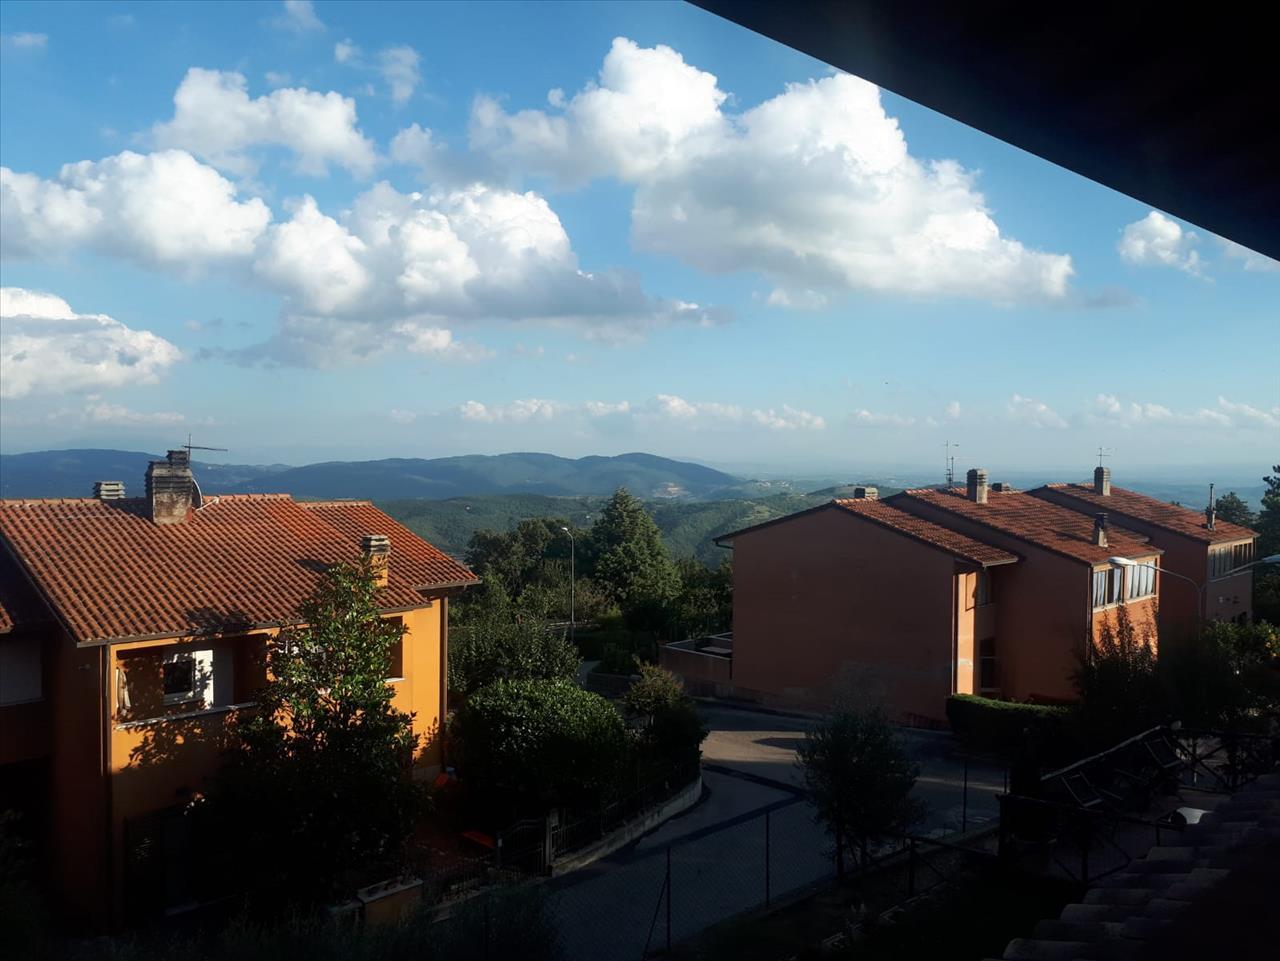 Appartamento in vendita a Passignano sul Trasimeno, 2 locali, prezzo € 135.000 | PortaleAgenzieImmobiliari.it